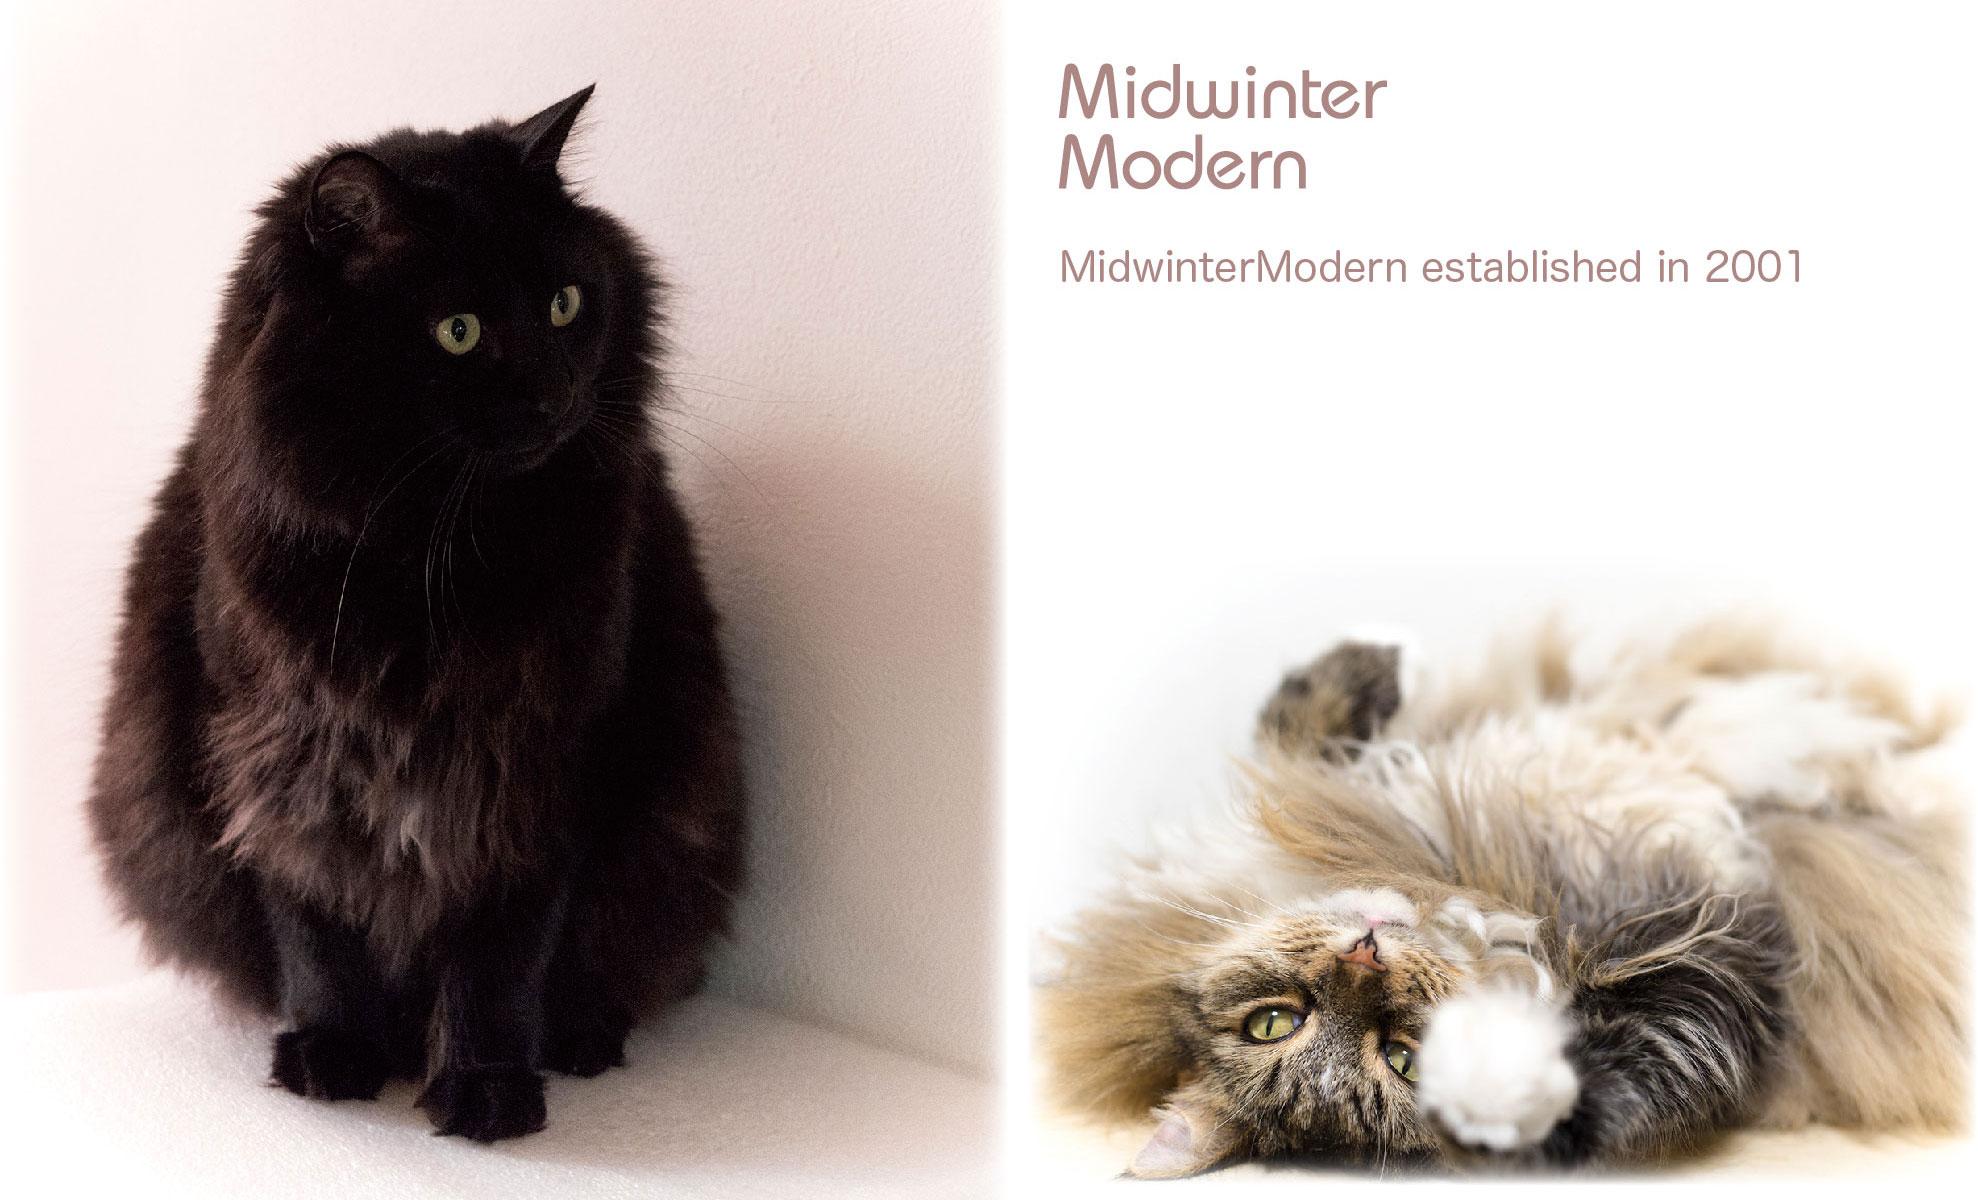 Midwinter Modern